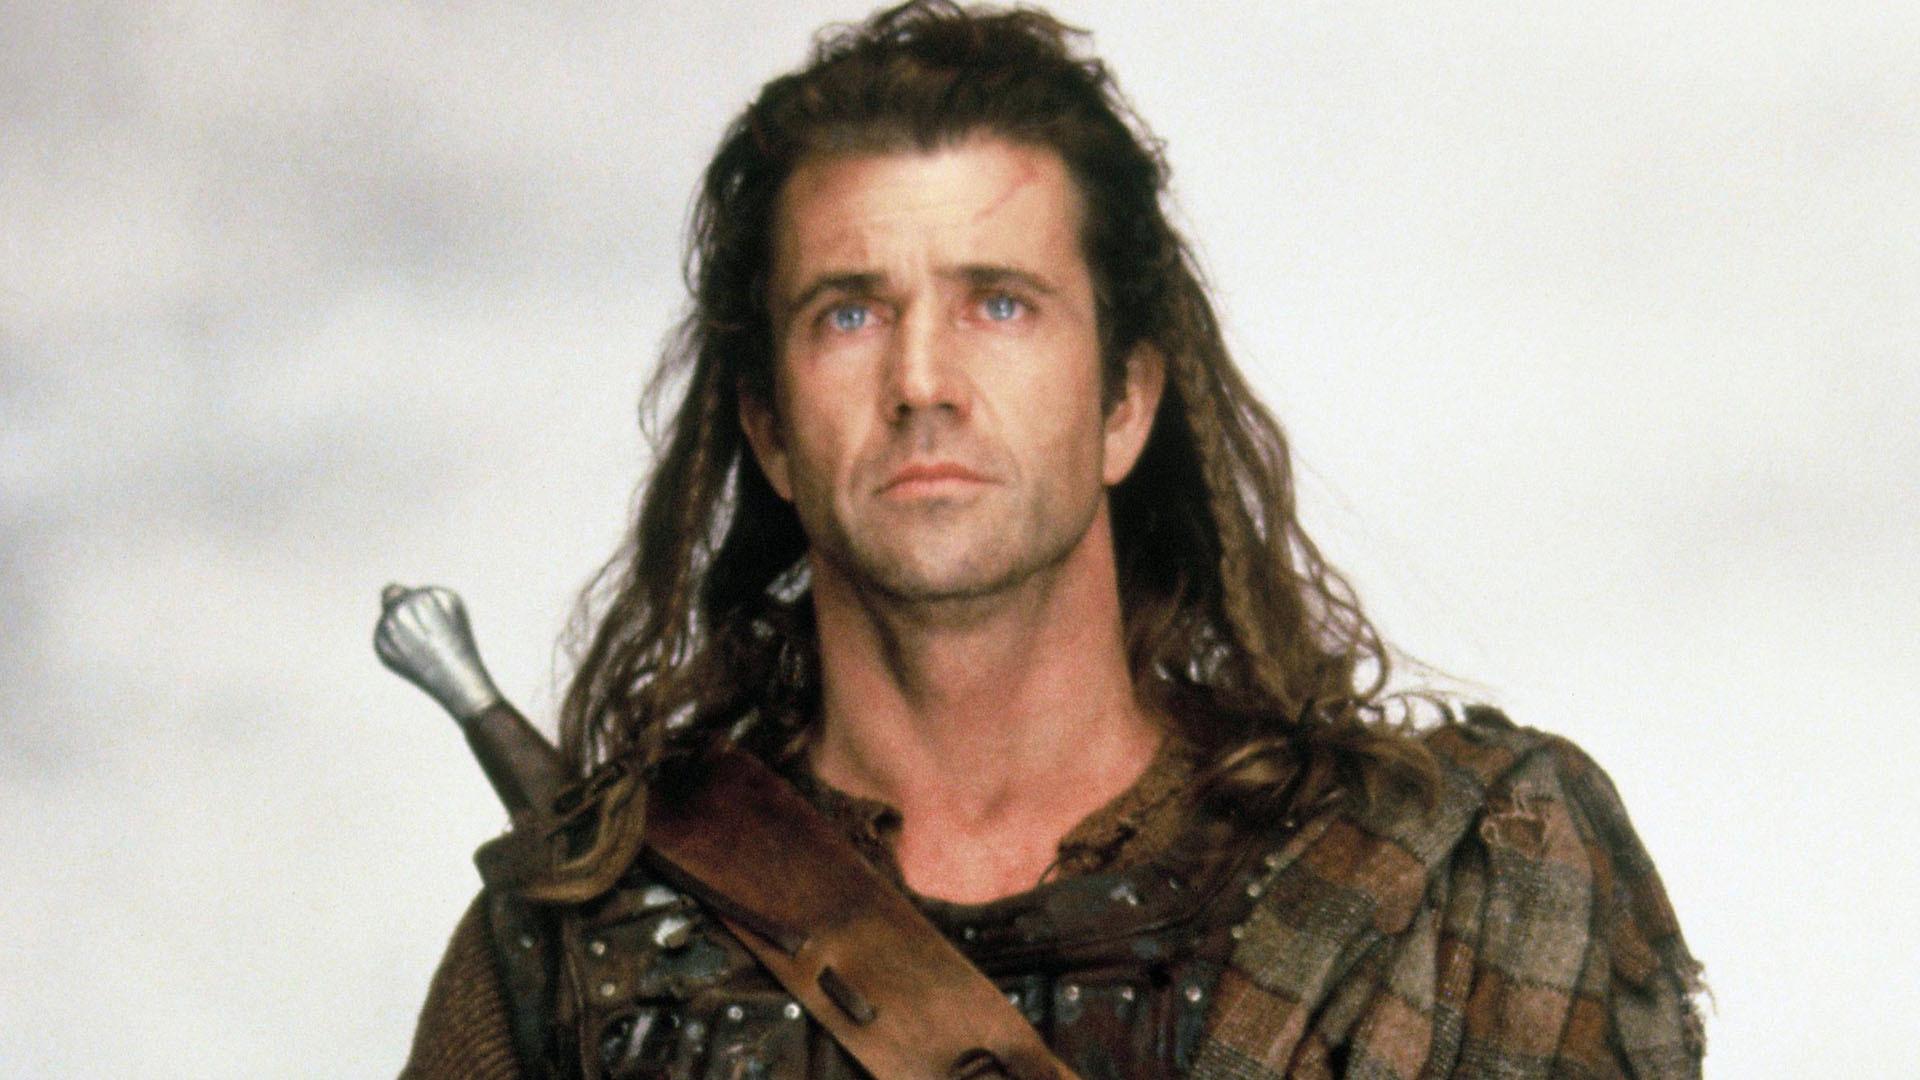 Mel Gibson wallpaper 1920x1080 63881 1920x1080